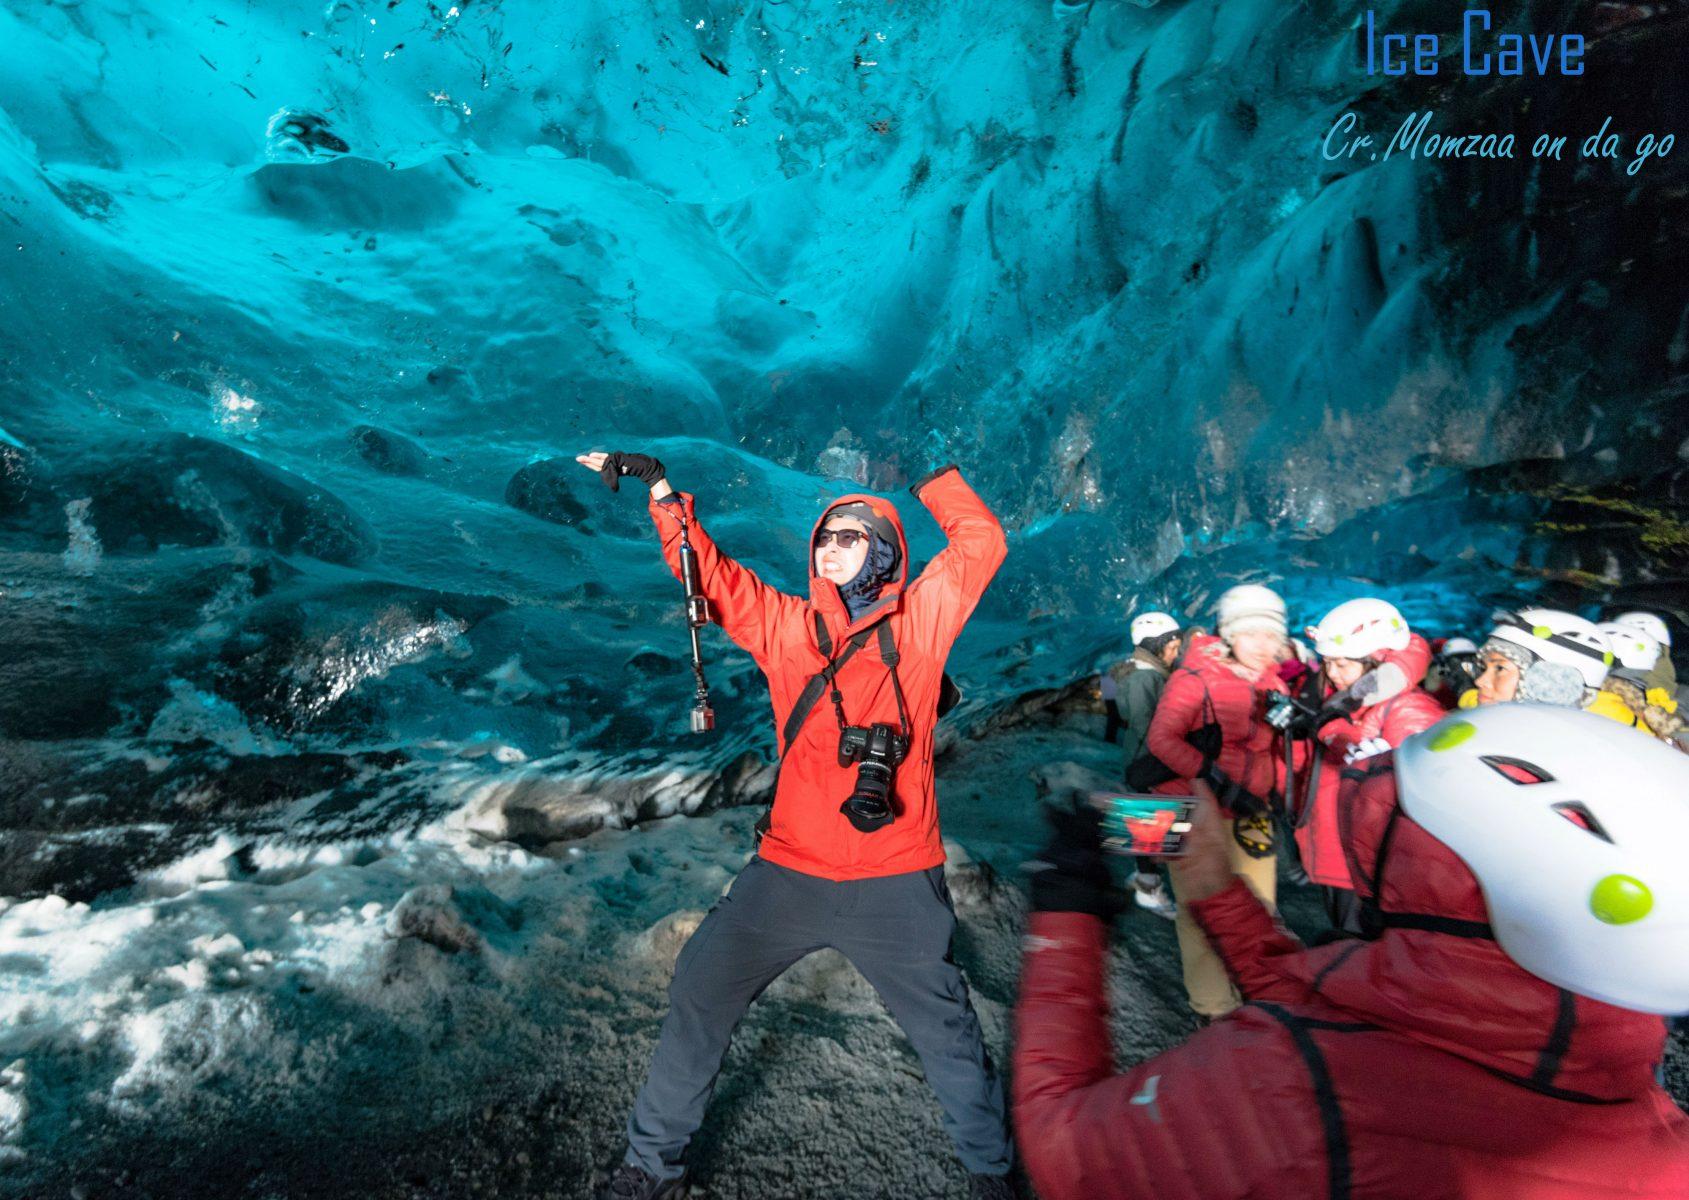 icecave01